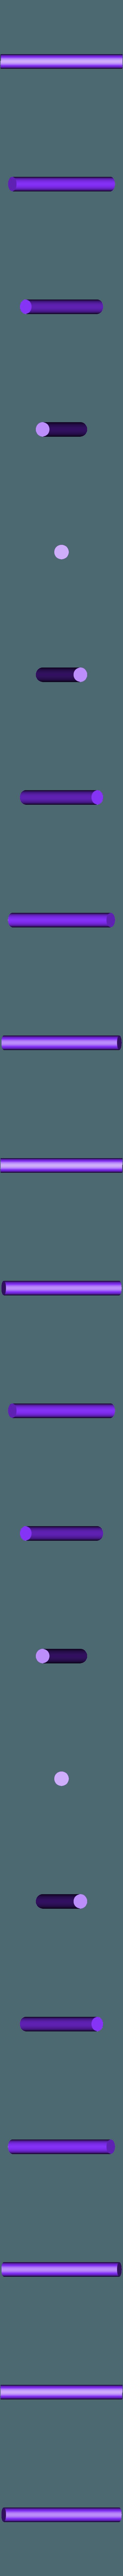 Foot-Right-Pin.stl Télécharger fichier STL gratuit Big Optimus Prime! - Modèle multi-matériaux • Plan pour imprimante 3D, ChaosCoreTech